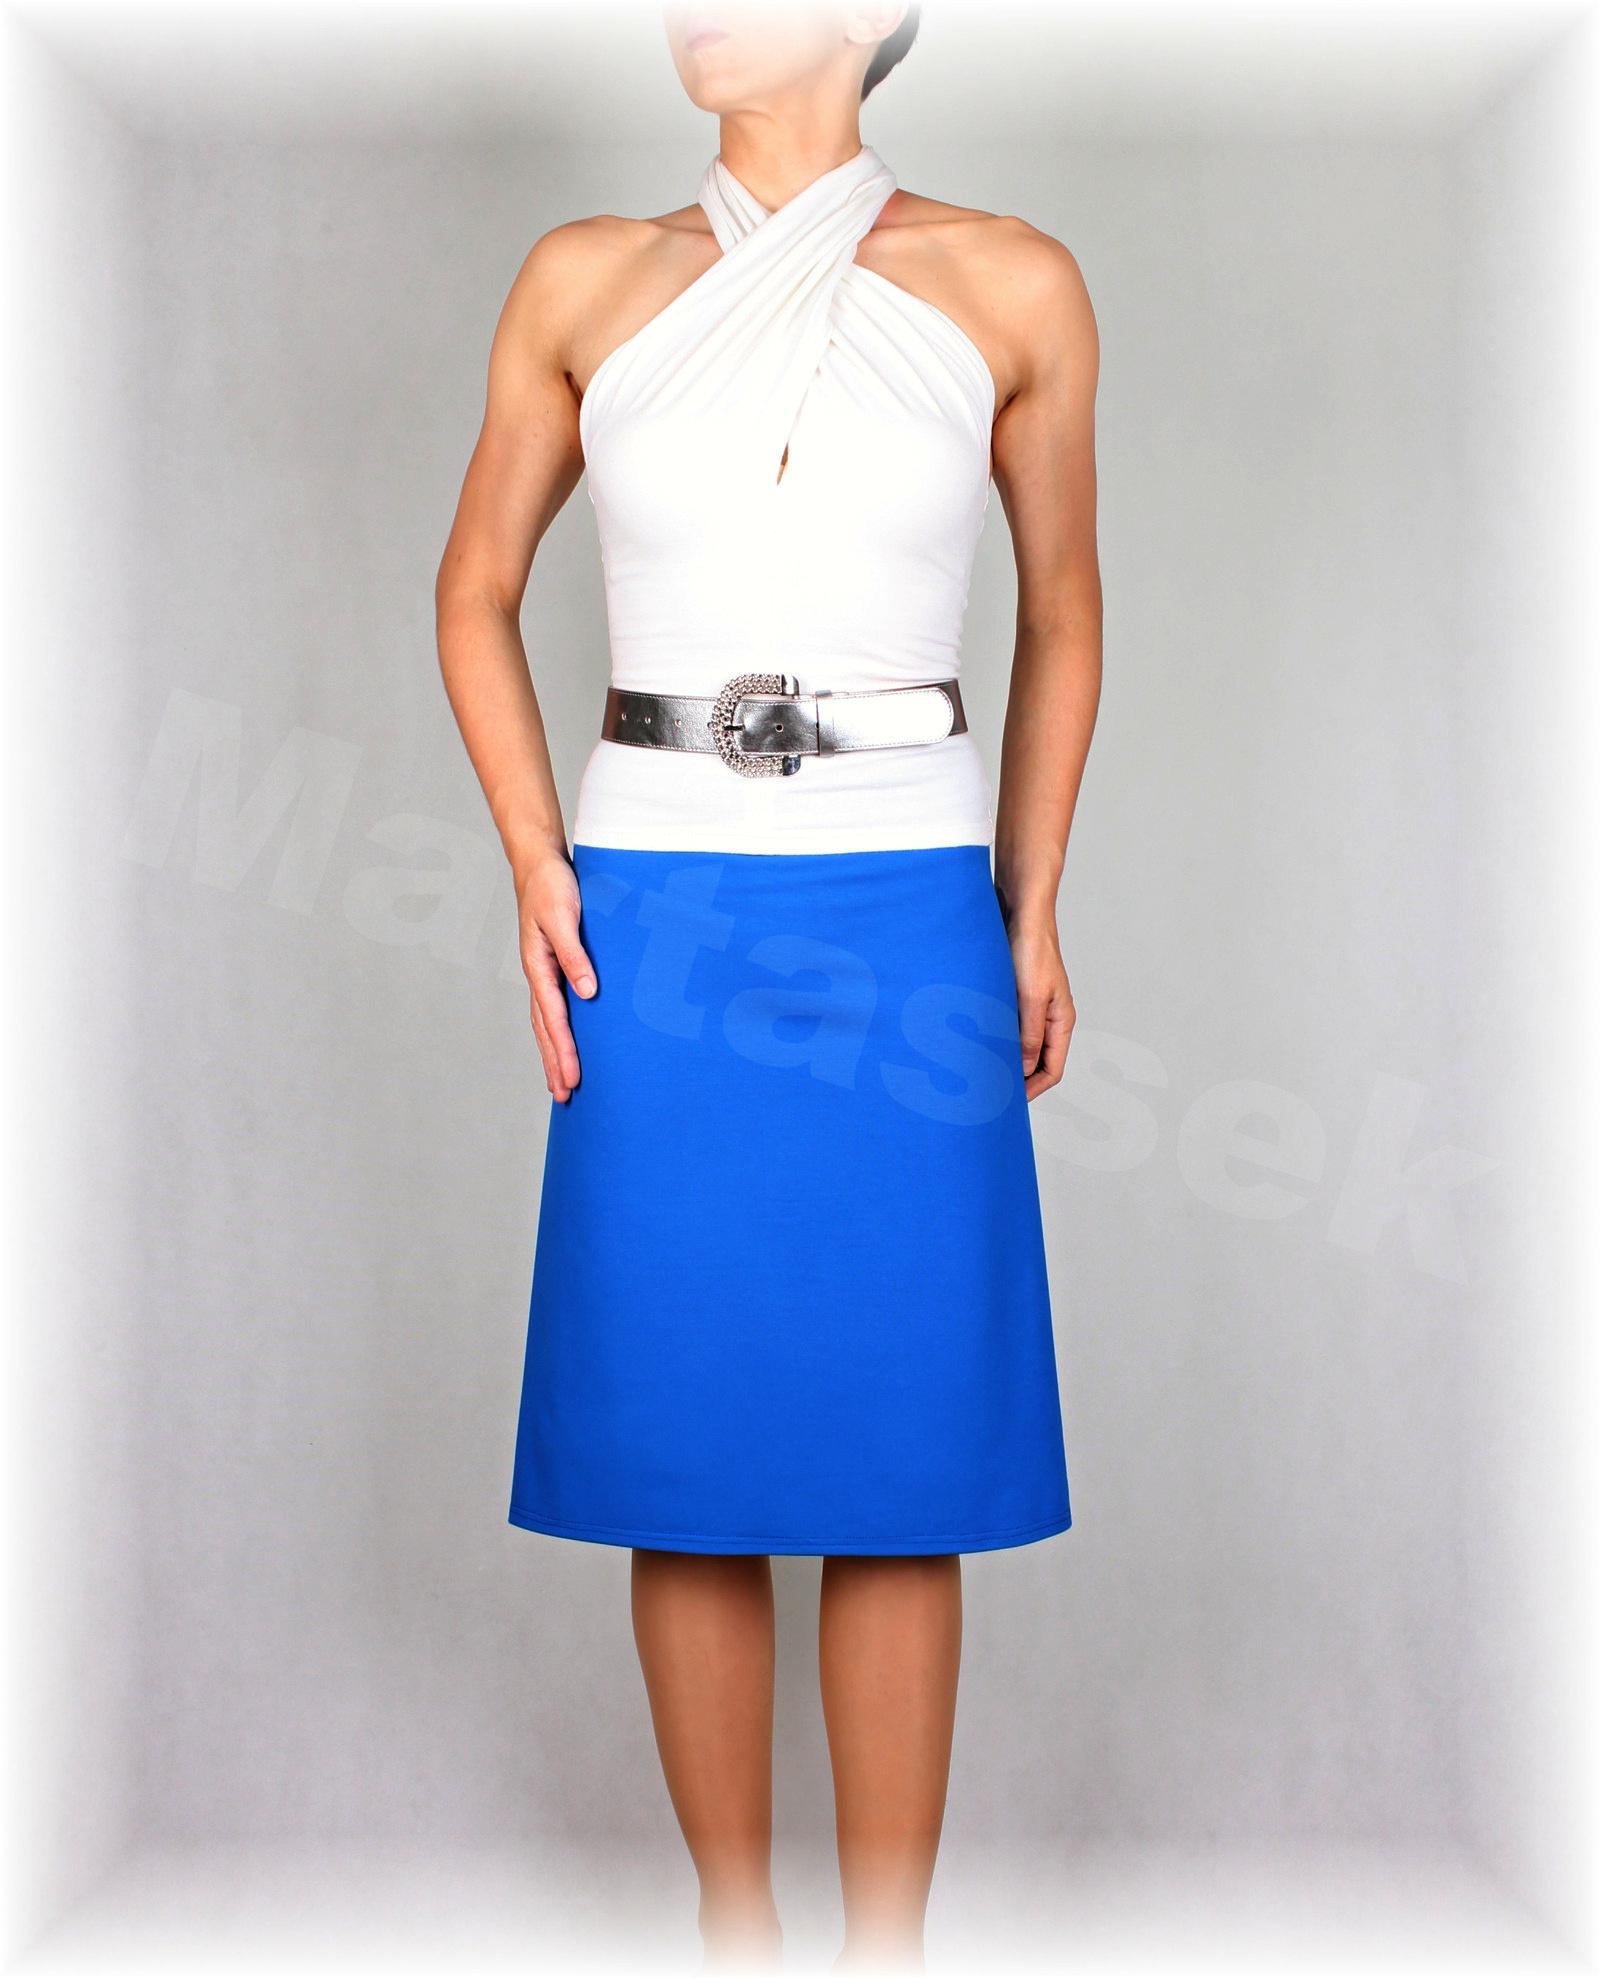 62e1ea2b0d3 Sukně jednobarevná vz.377(více barev)   Zboží prodejce Martassek ...